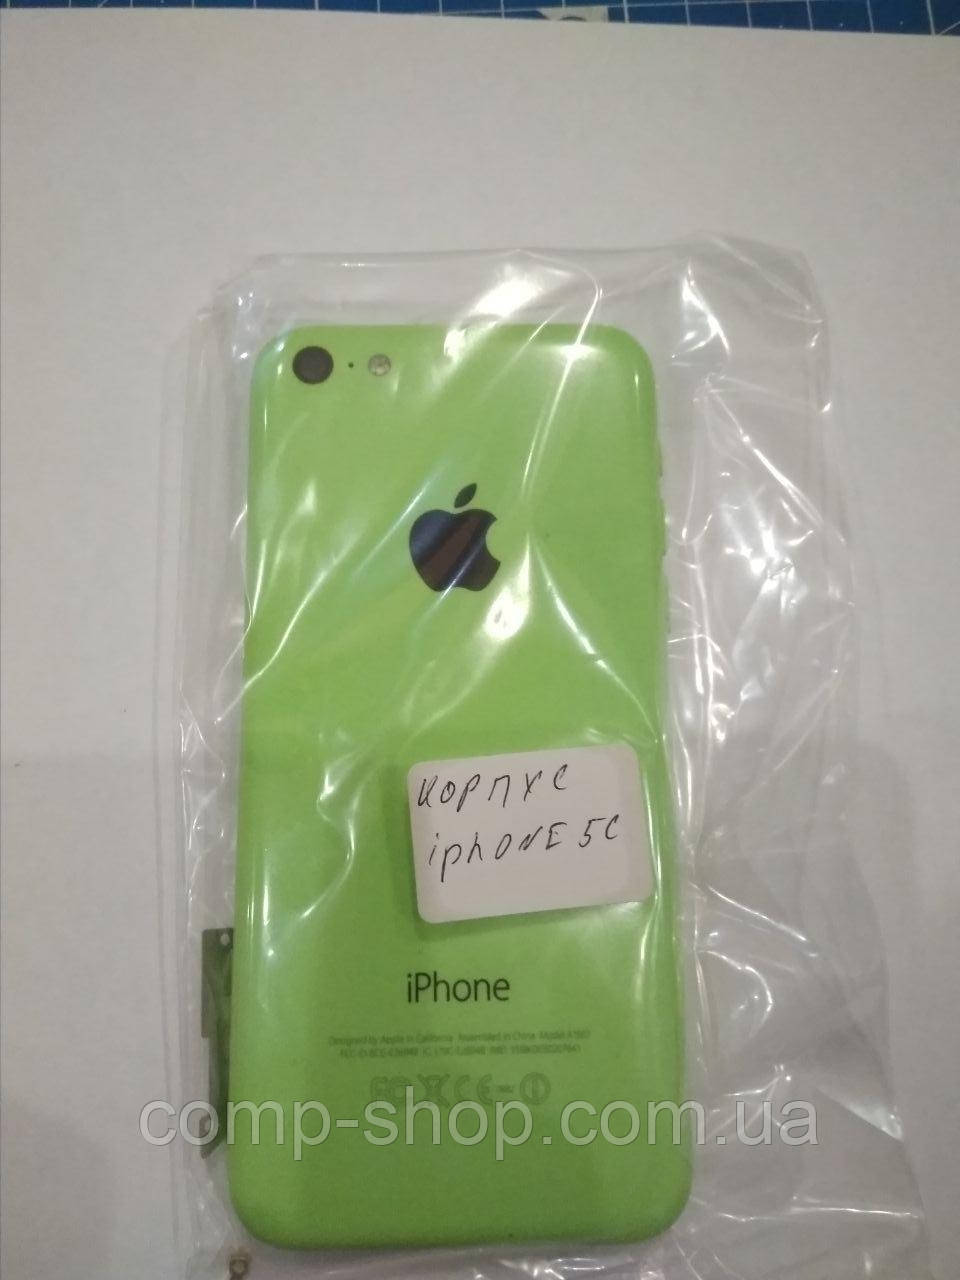 Корпус iPhone 5c оригинал бу, запчасть с разборки